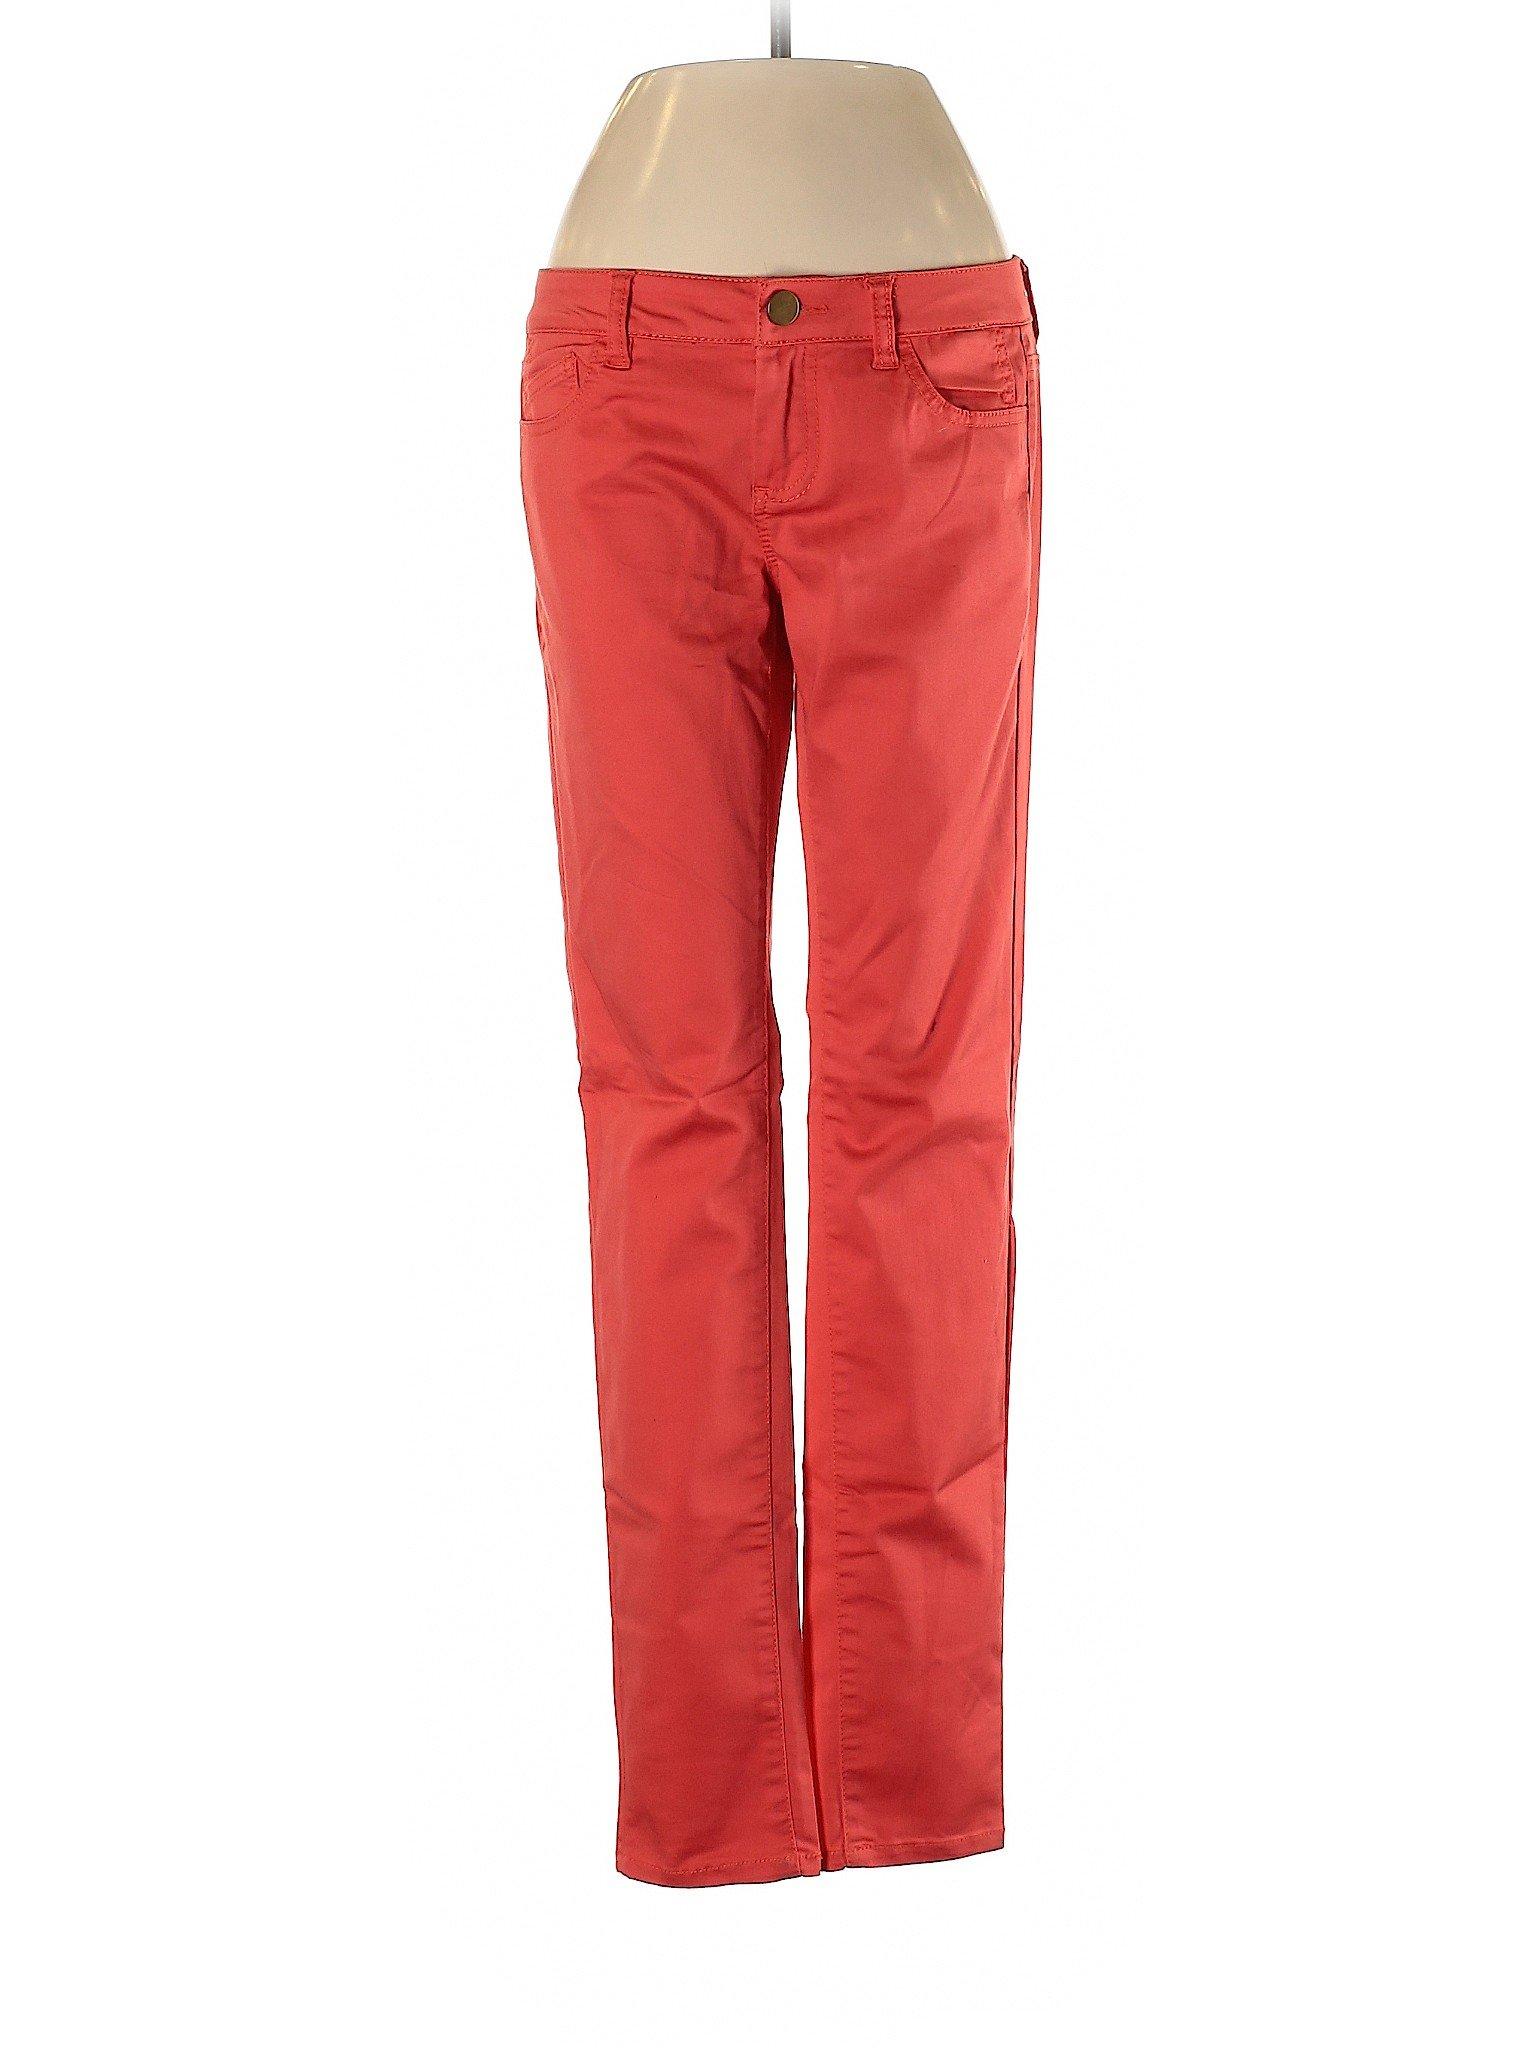 b61c7f3d7b1e1 Lavish By Heidi Klum Juniors Jeans On Sale Up To 90% Off Retail | thredUP